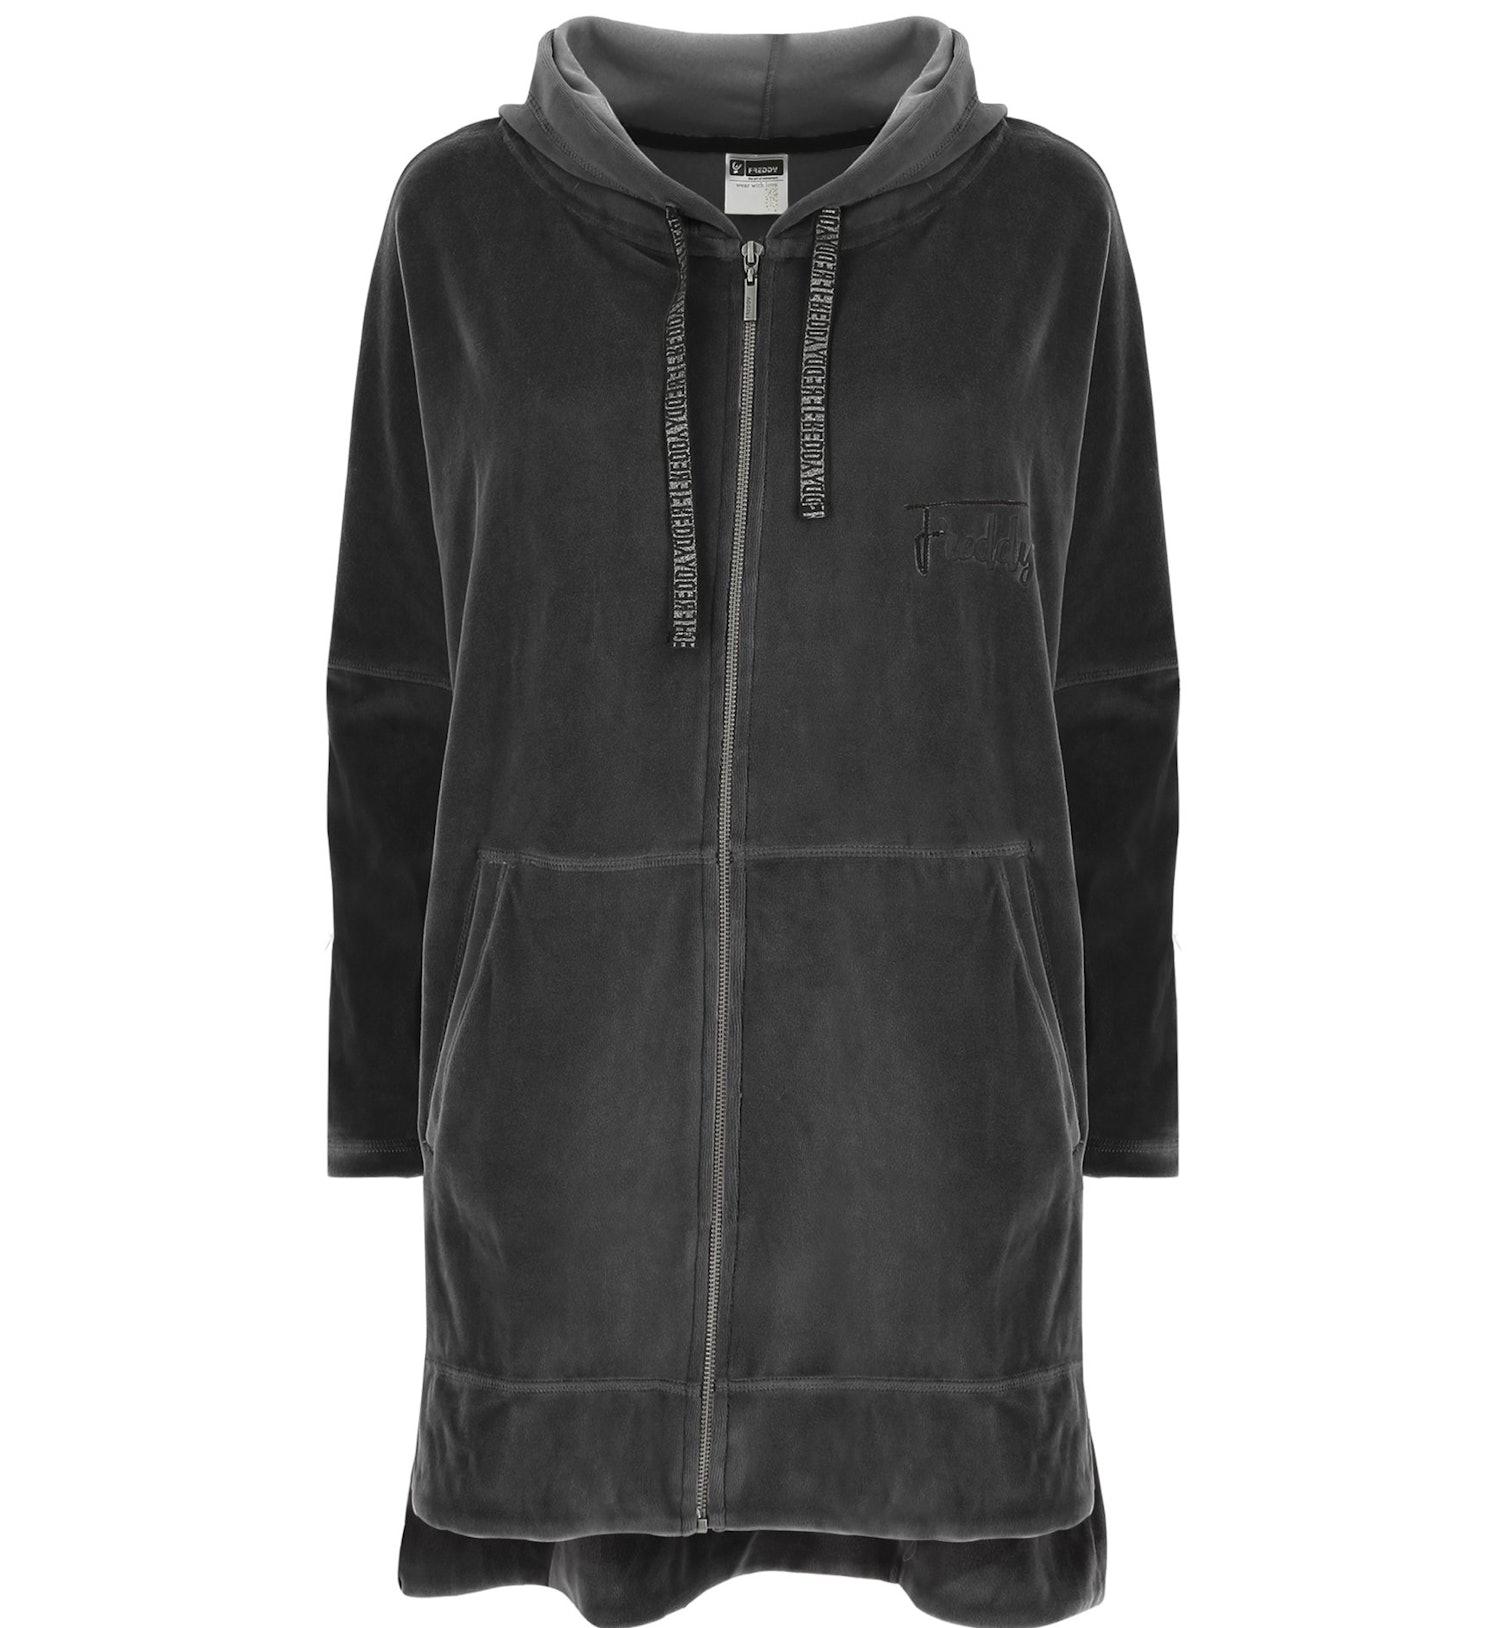 Freddy Velvet - giacca con cappuccio fitness - donna